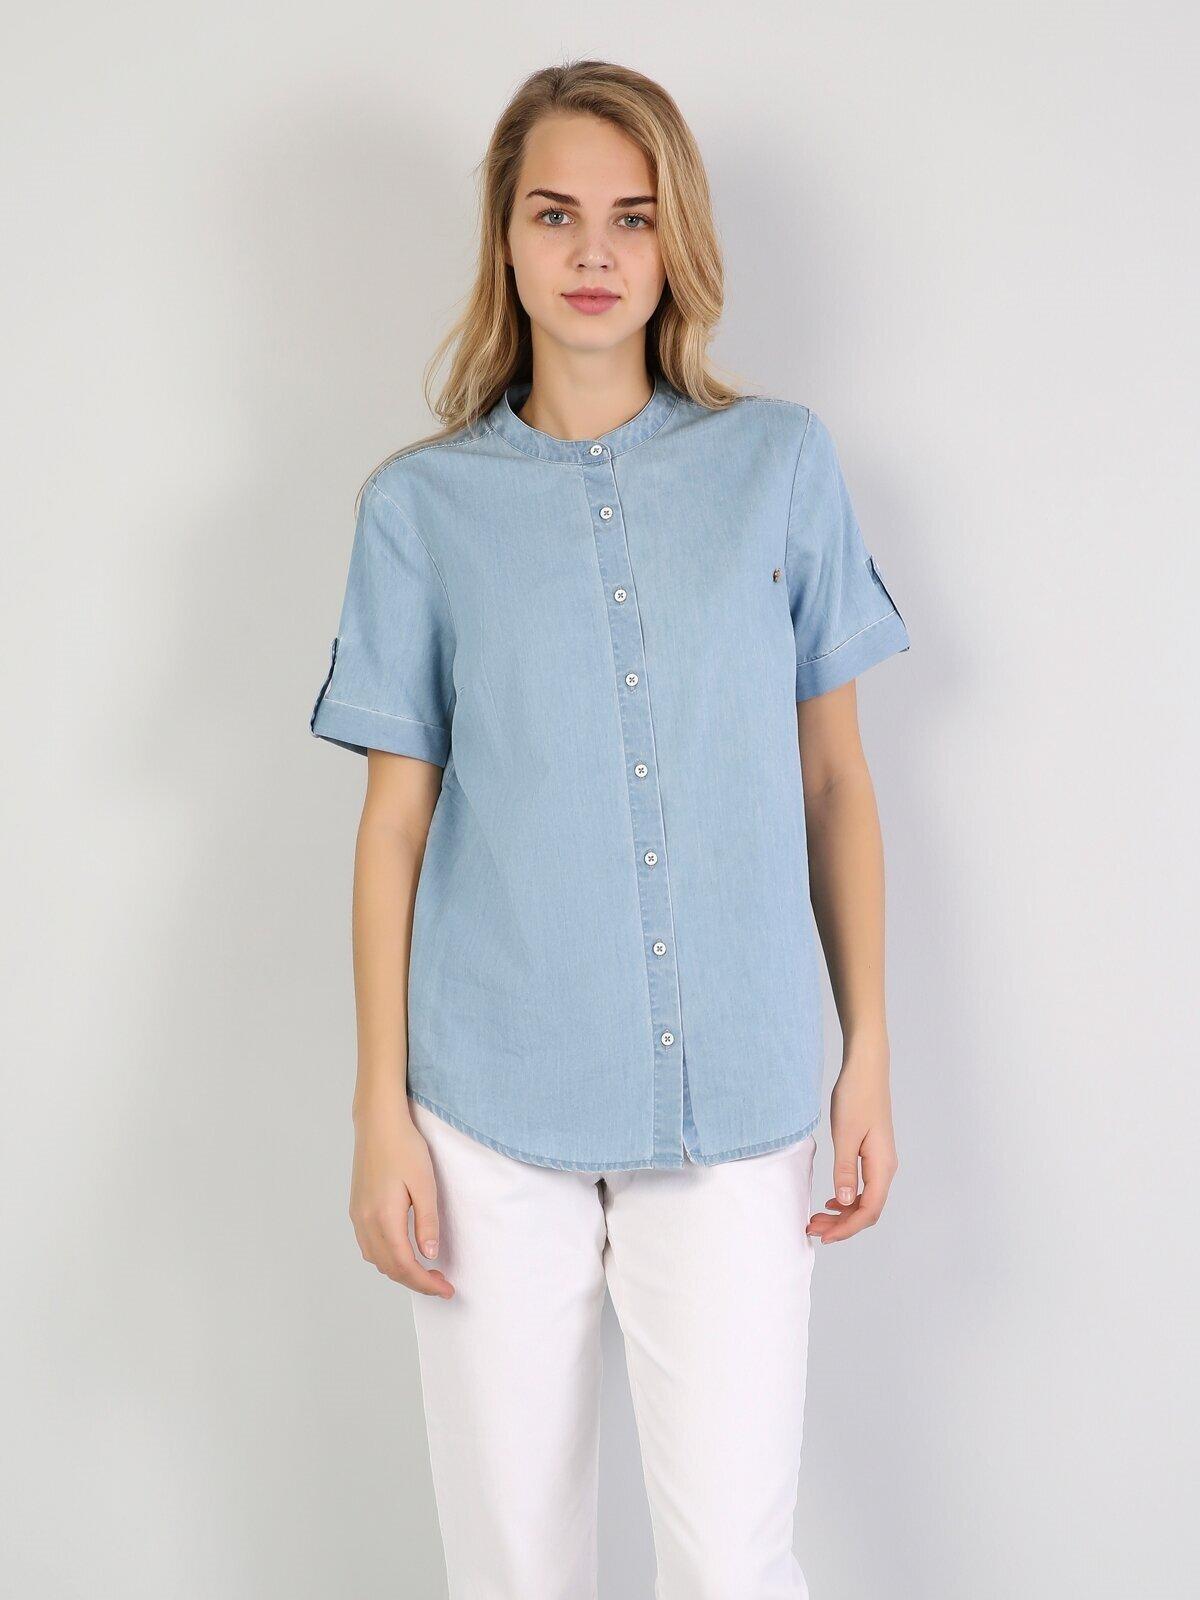 Показать информацию о Деним жен. Рубашки Короткий рукав